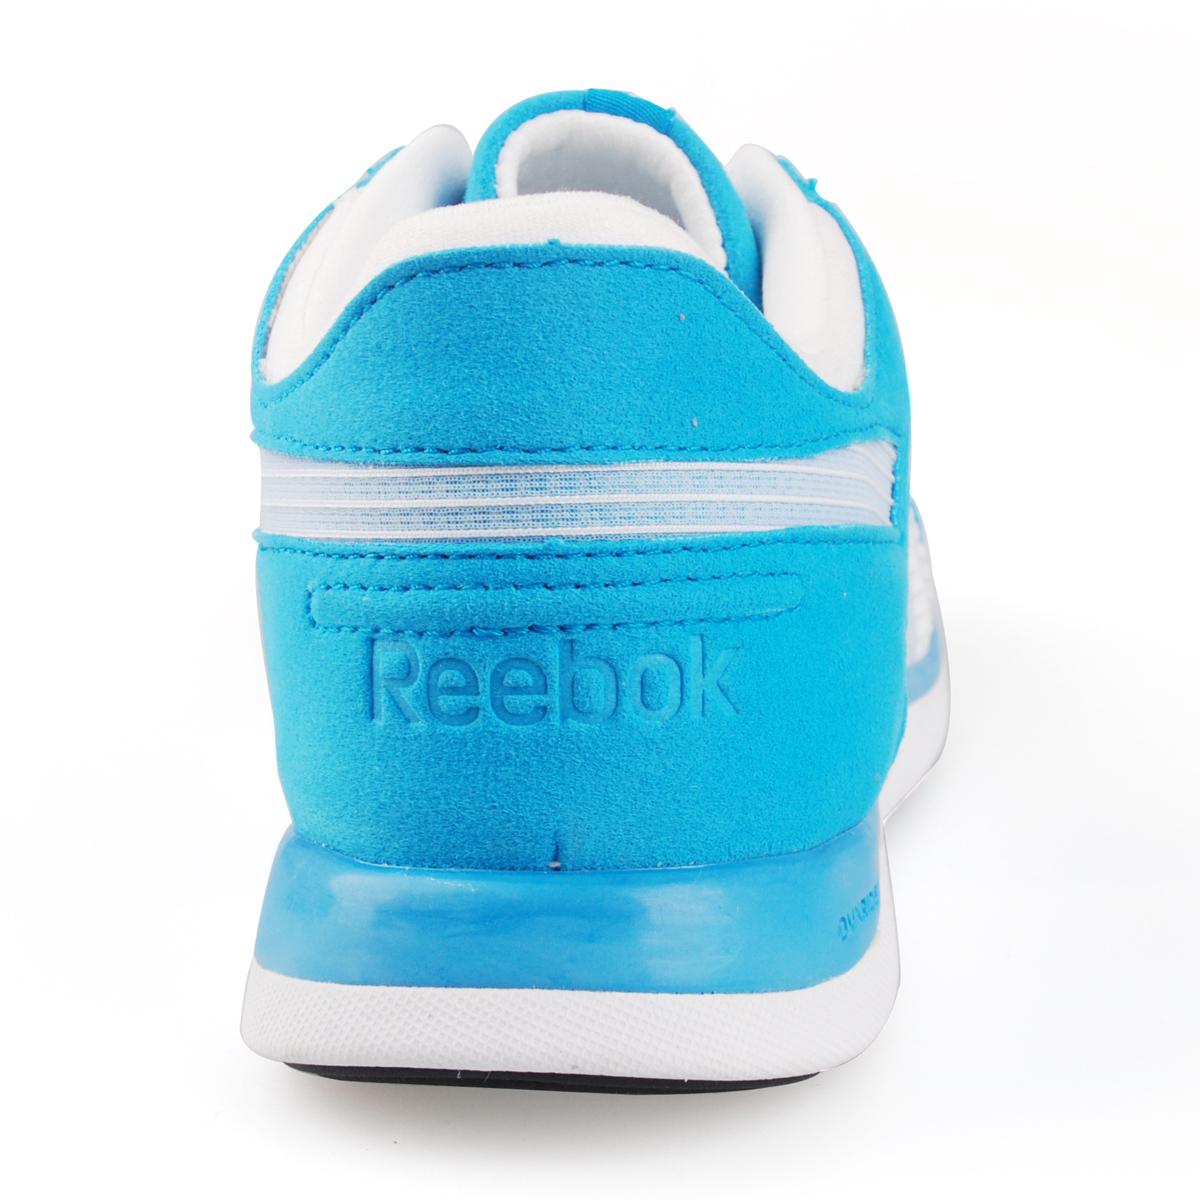 Кроссовки для бега Reebok rb3629 DMX V57181 Женщина